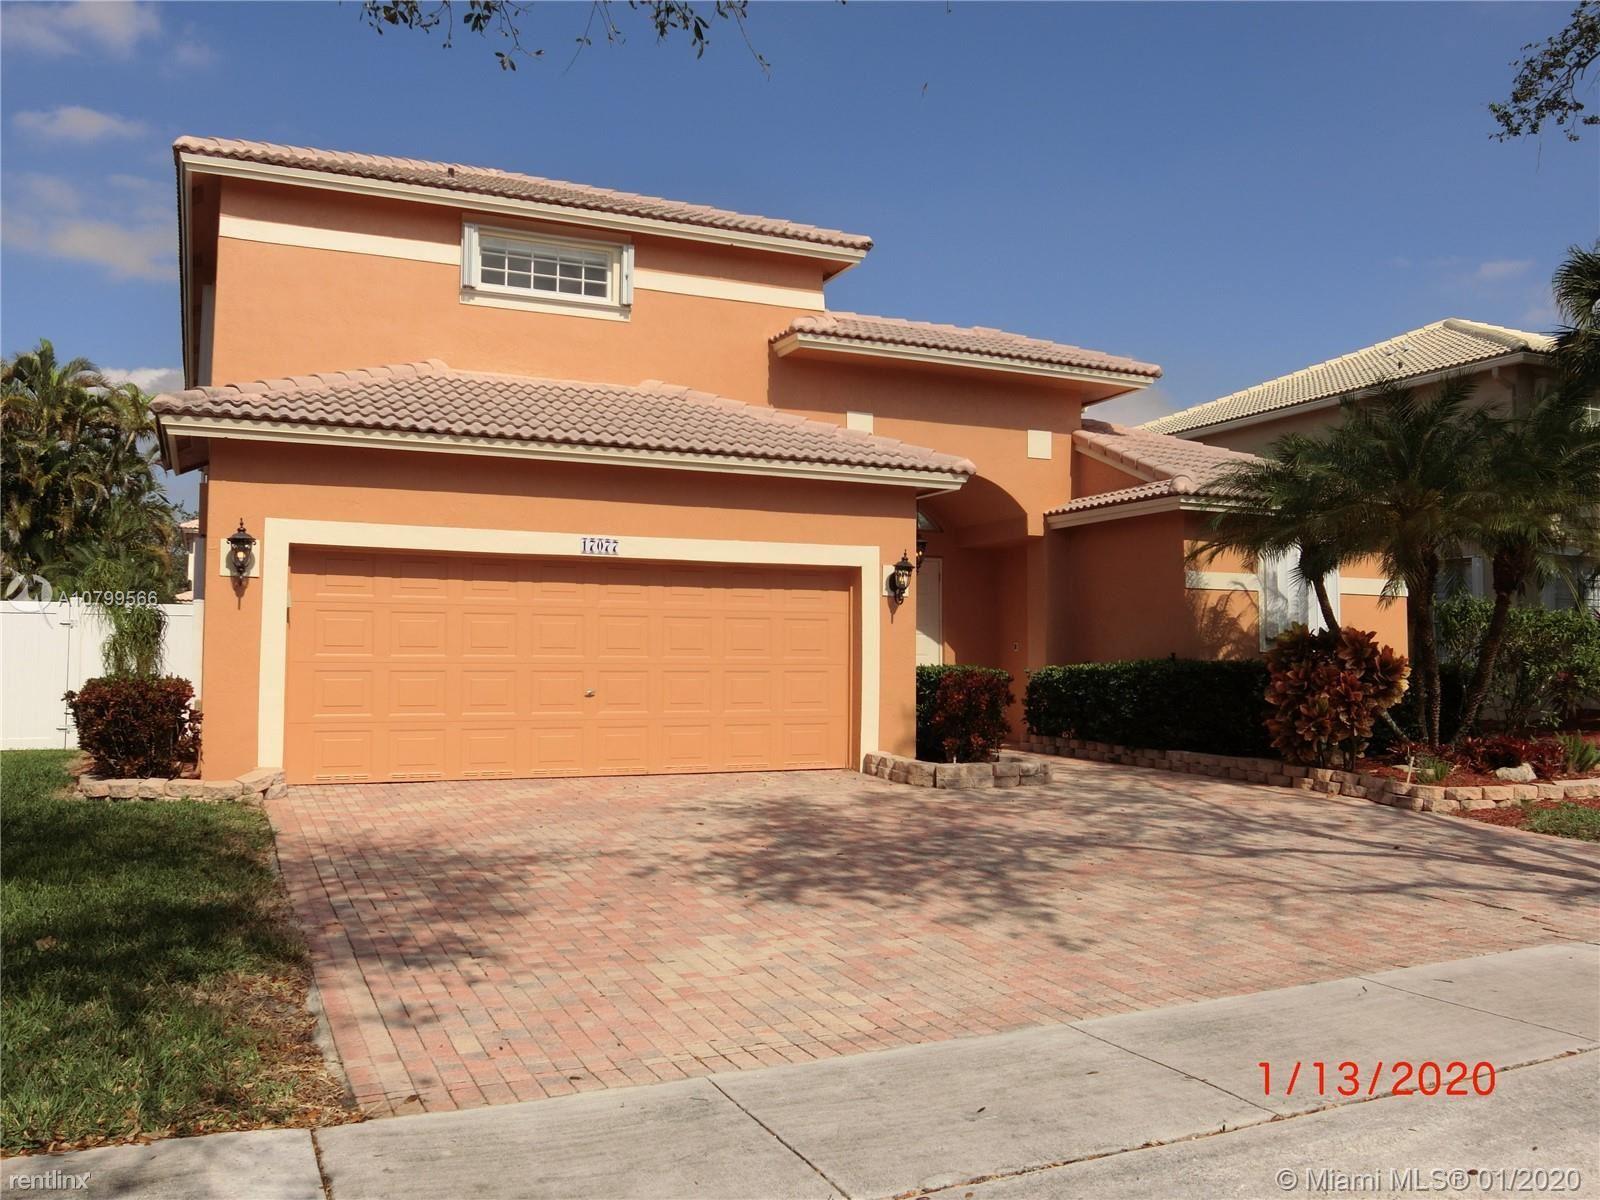 17077 NW 16th St, Pembroke Pines, FL - $3,650